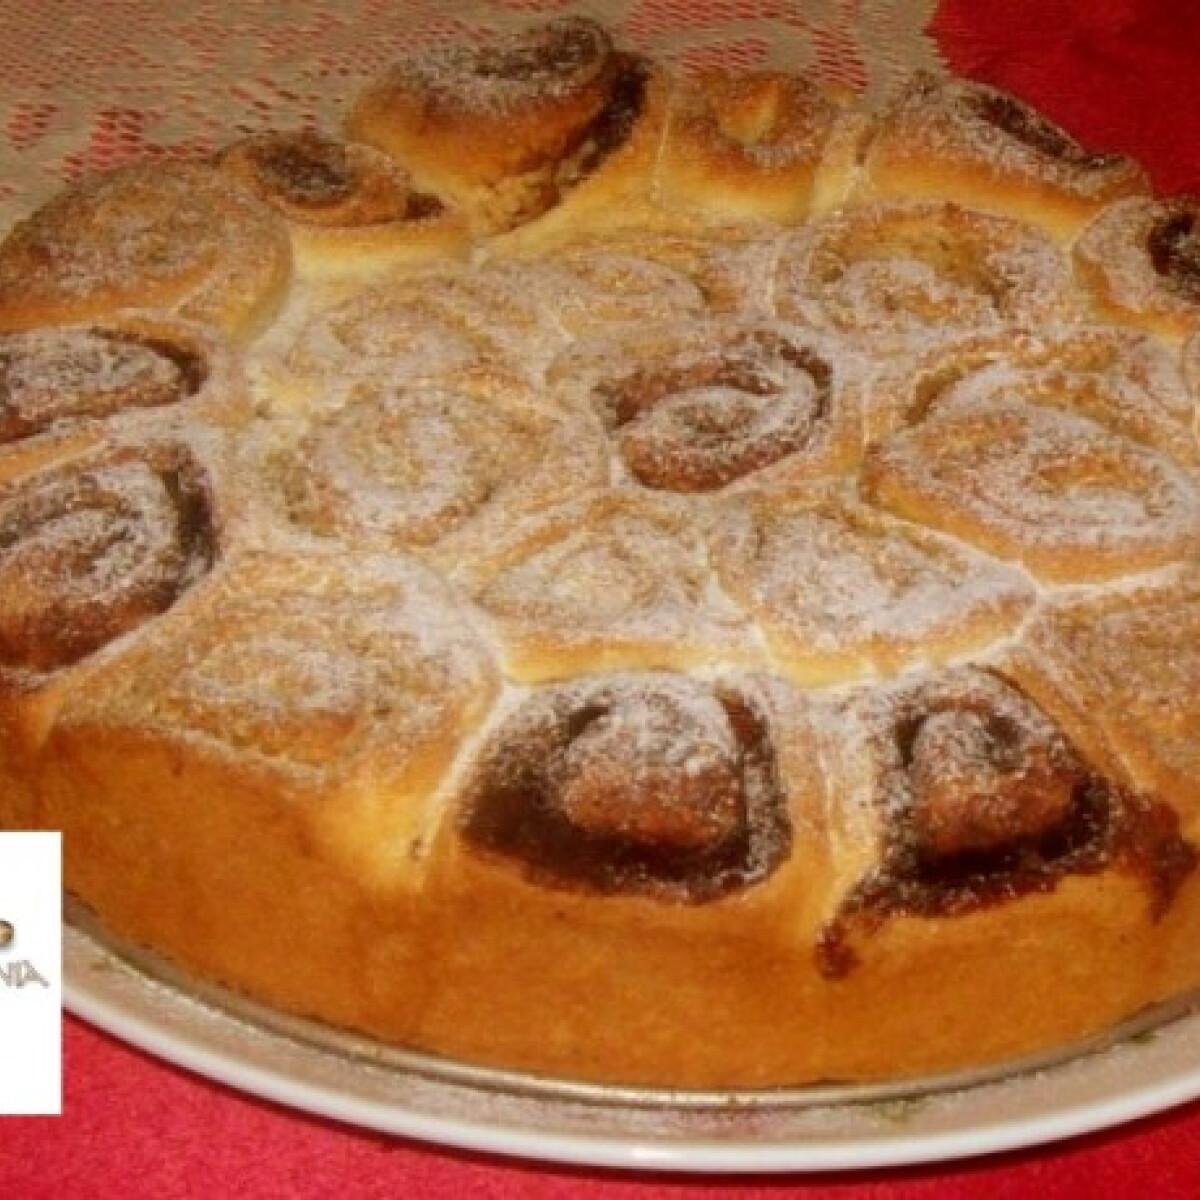 Ezen a képen: Tojás nélküli diós-kakaós csiga tortaformában